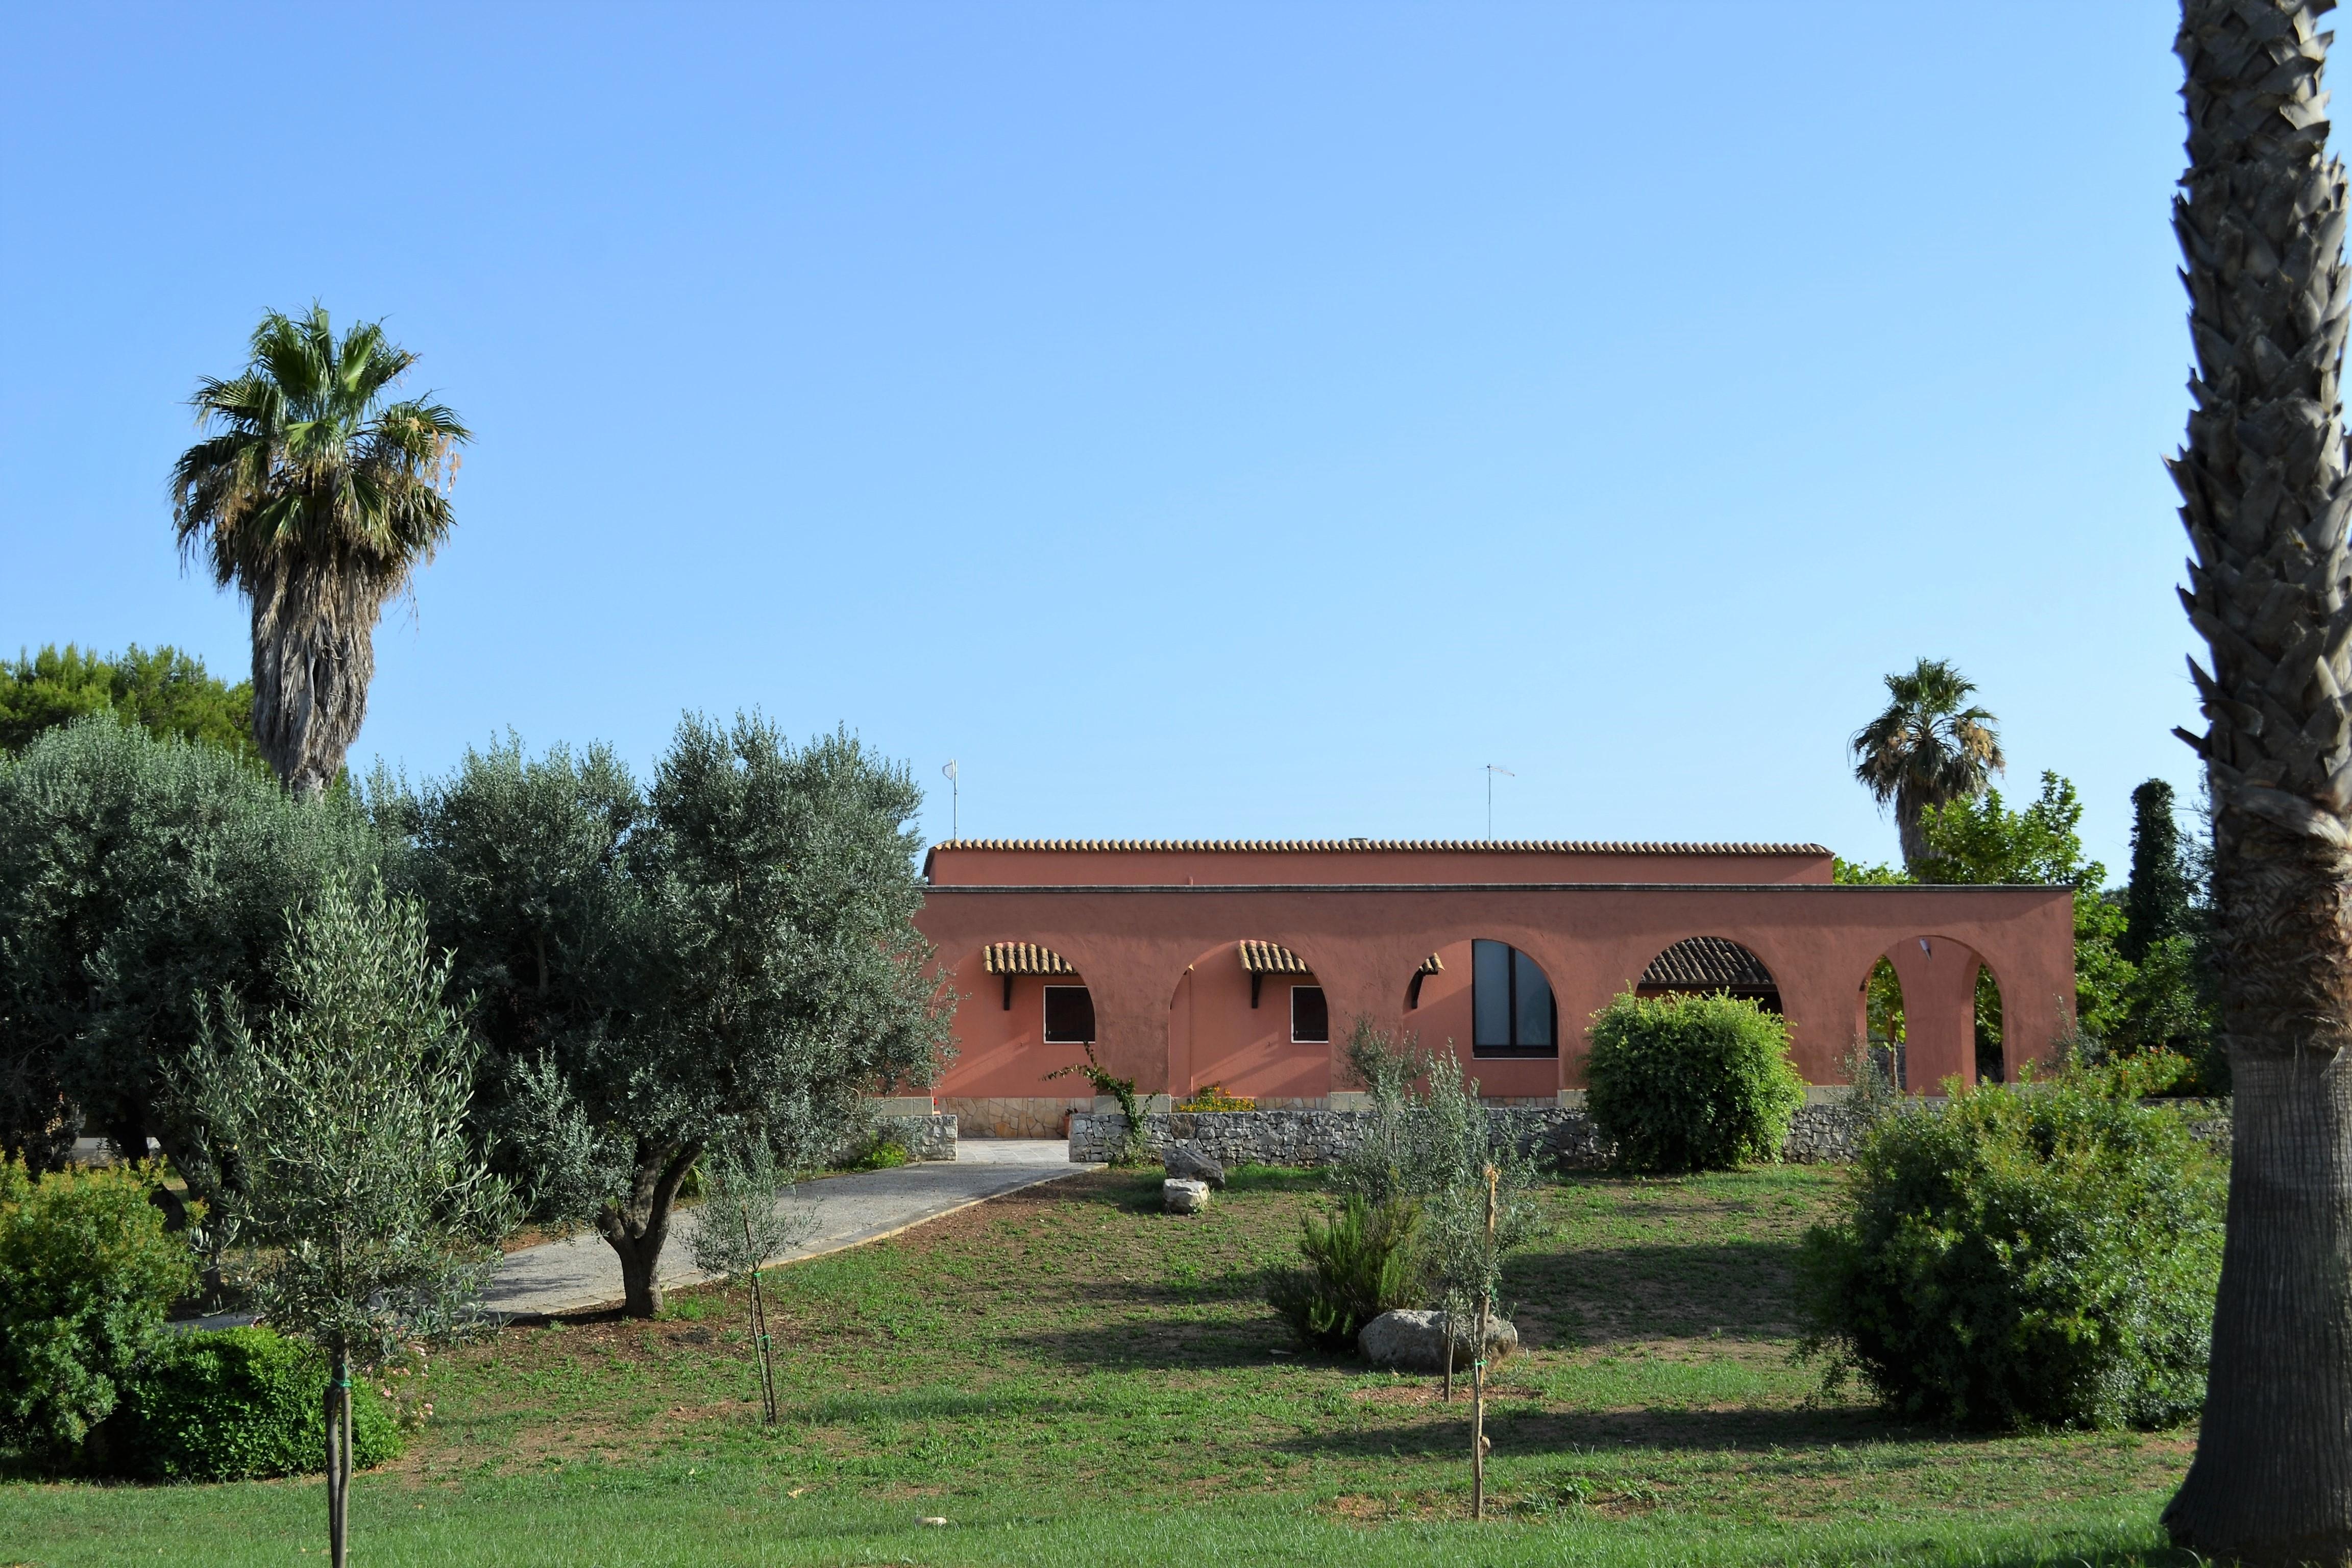 Impianti Fotovoltaici In Vendita Puglia villa in vendita a brindisi (brindisi) in puglia zona: campagna